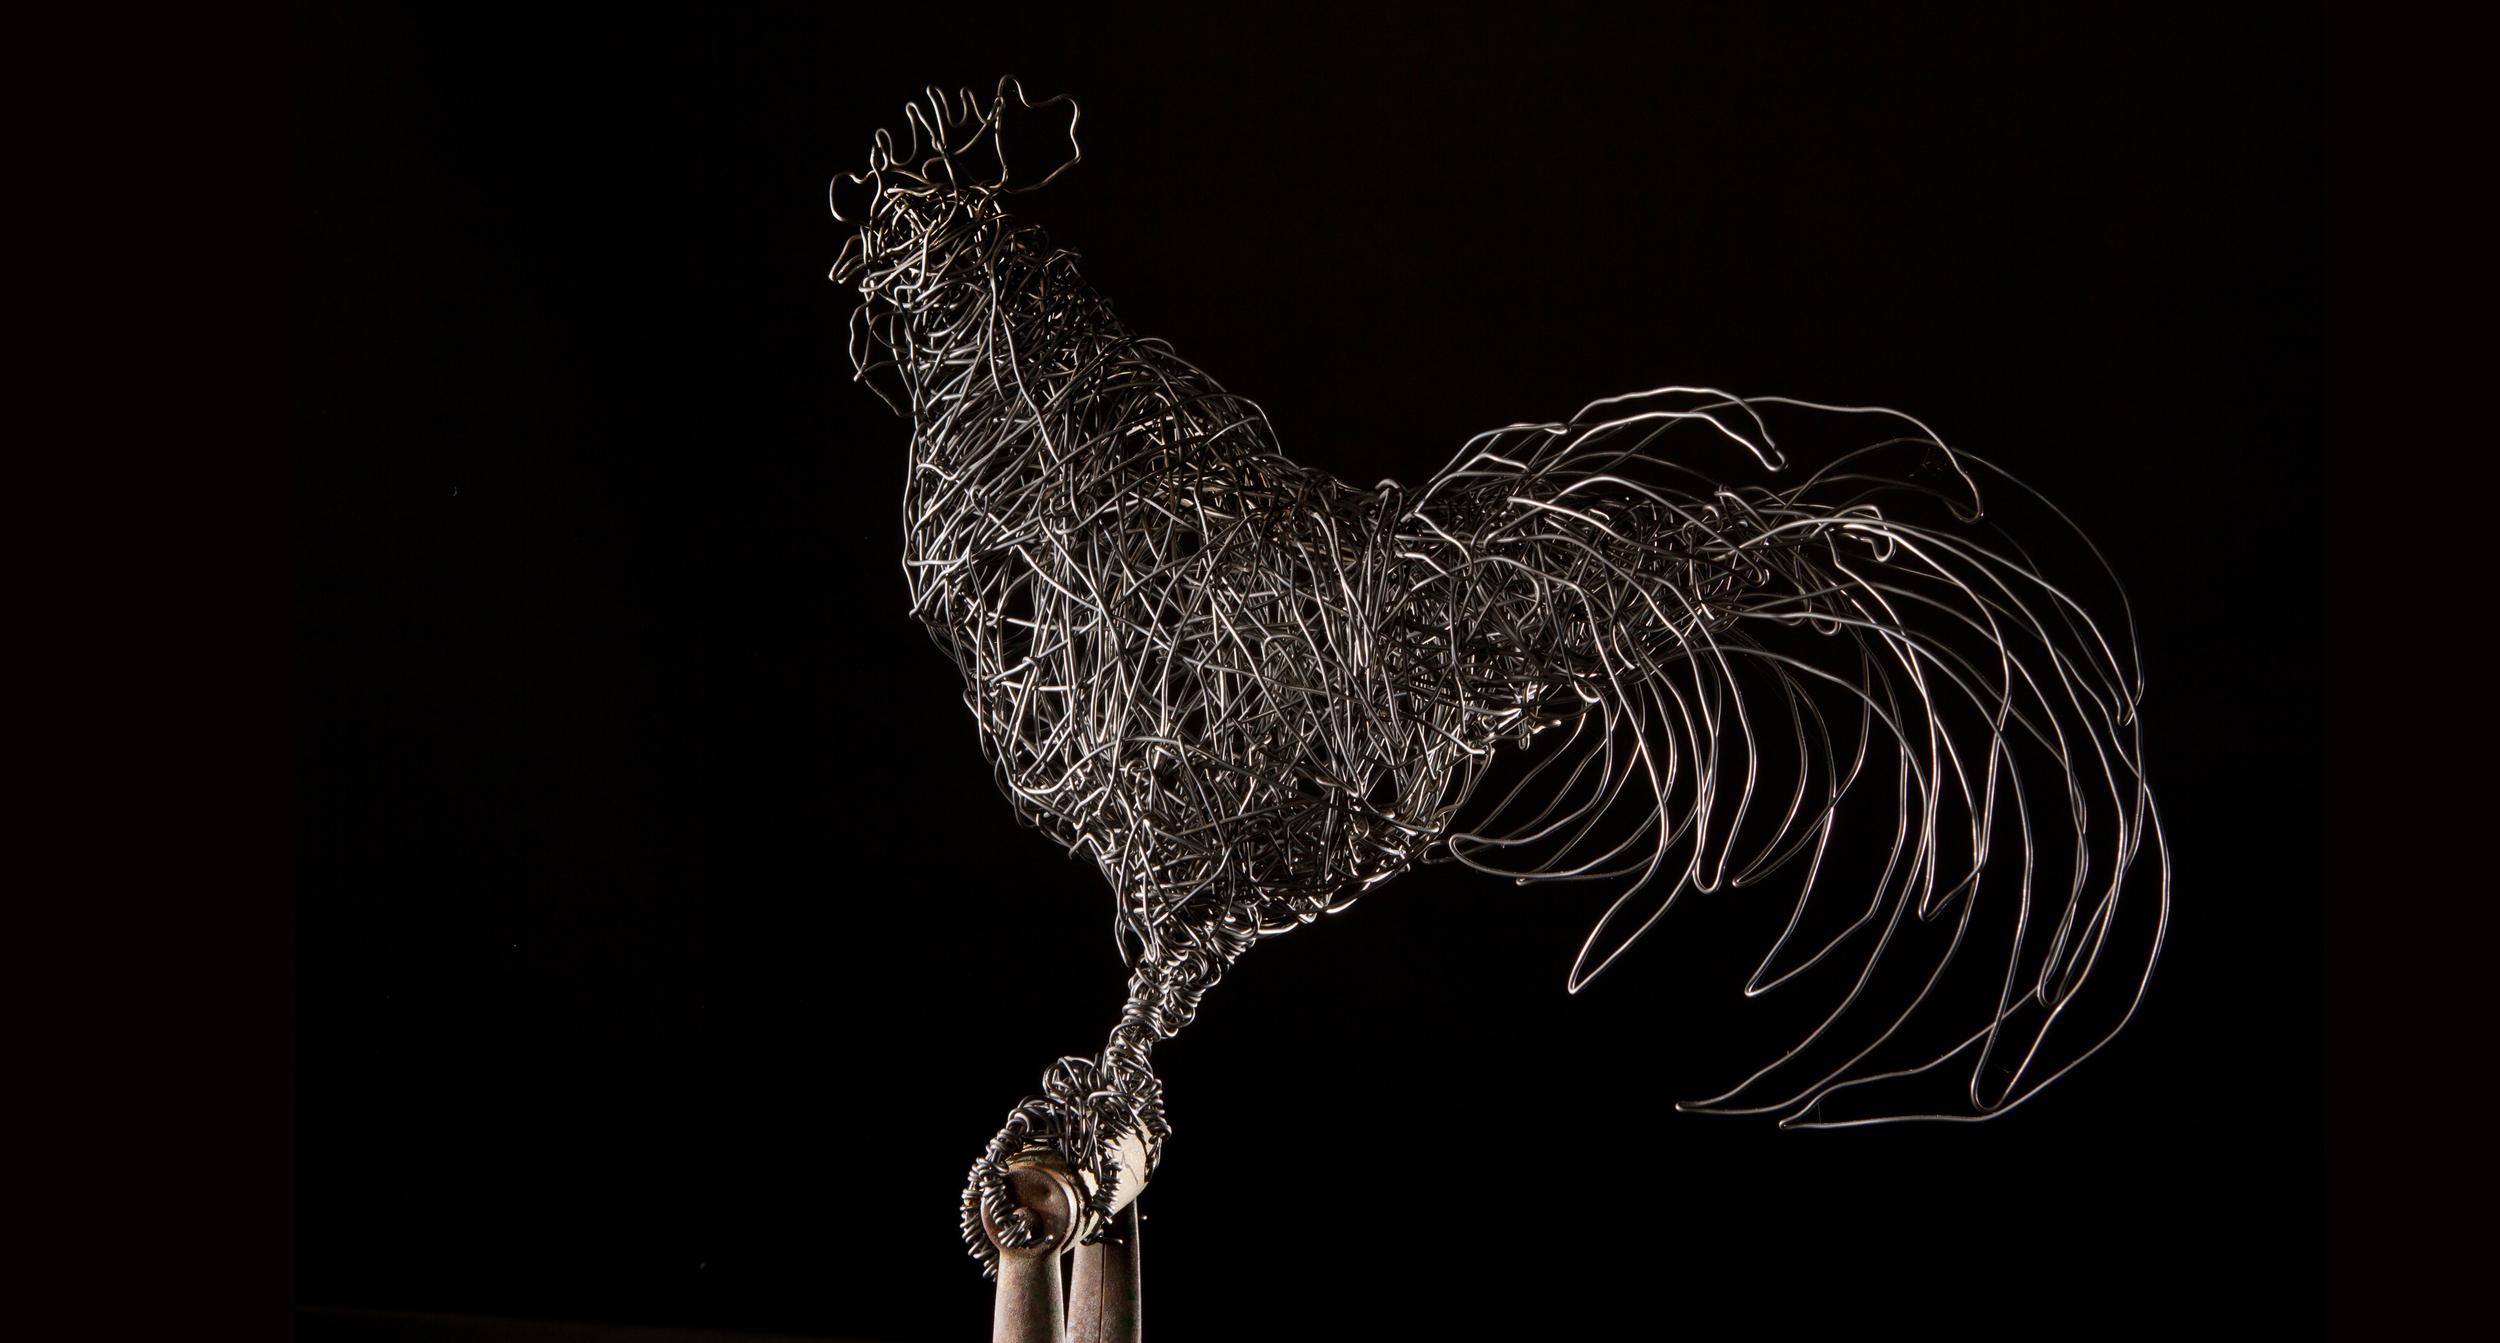 rooster-6.jpg